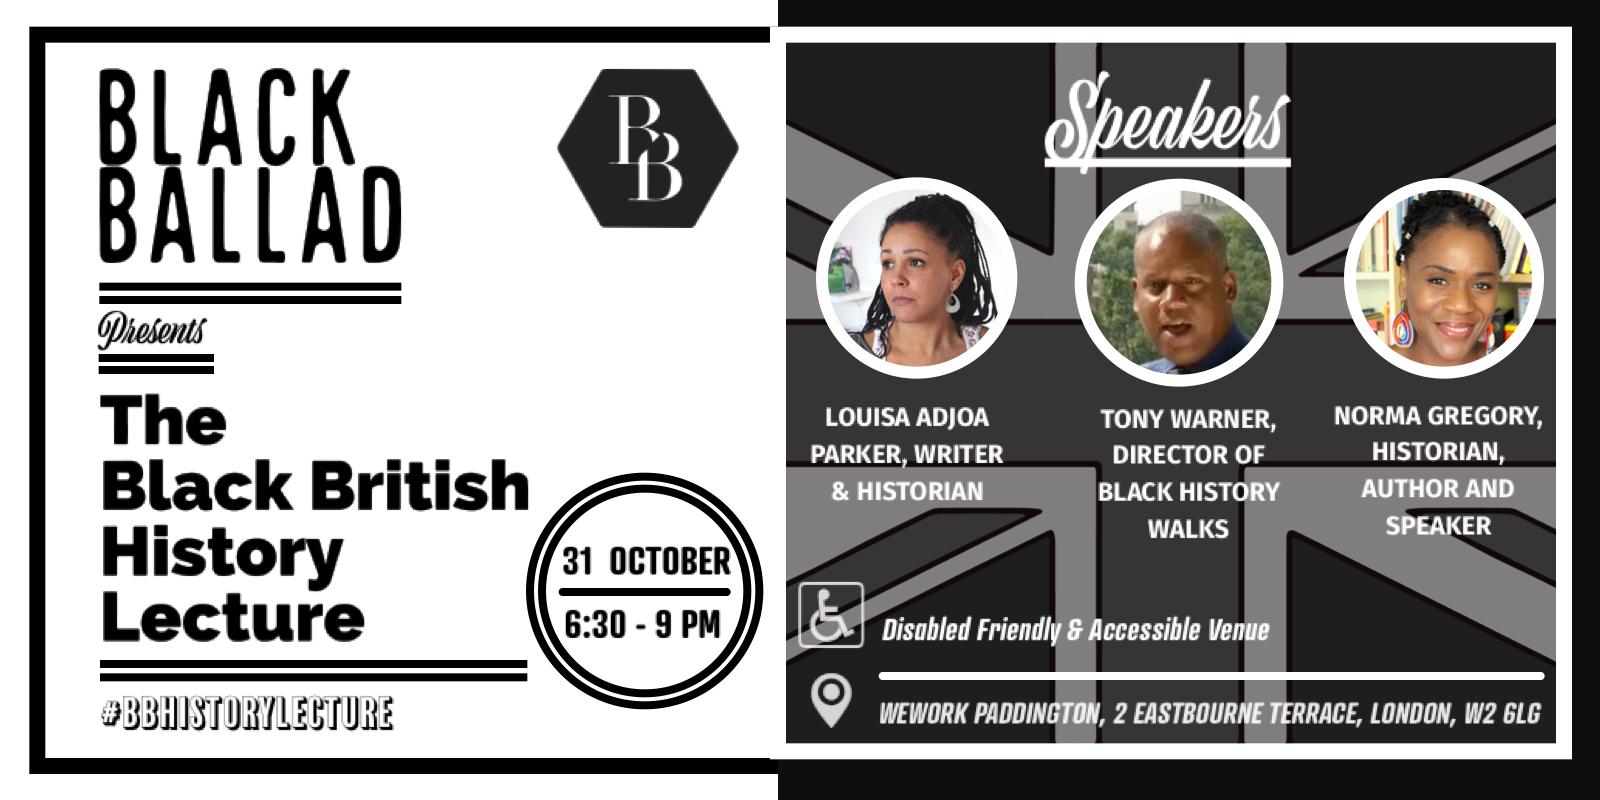 Black Ballad's Black British History Lecture